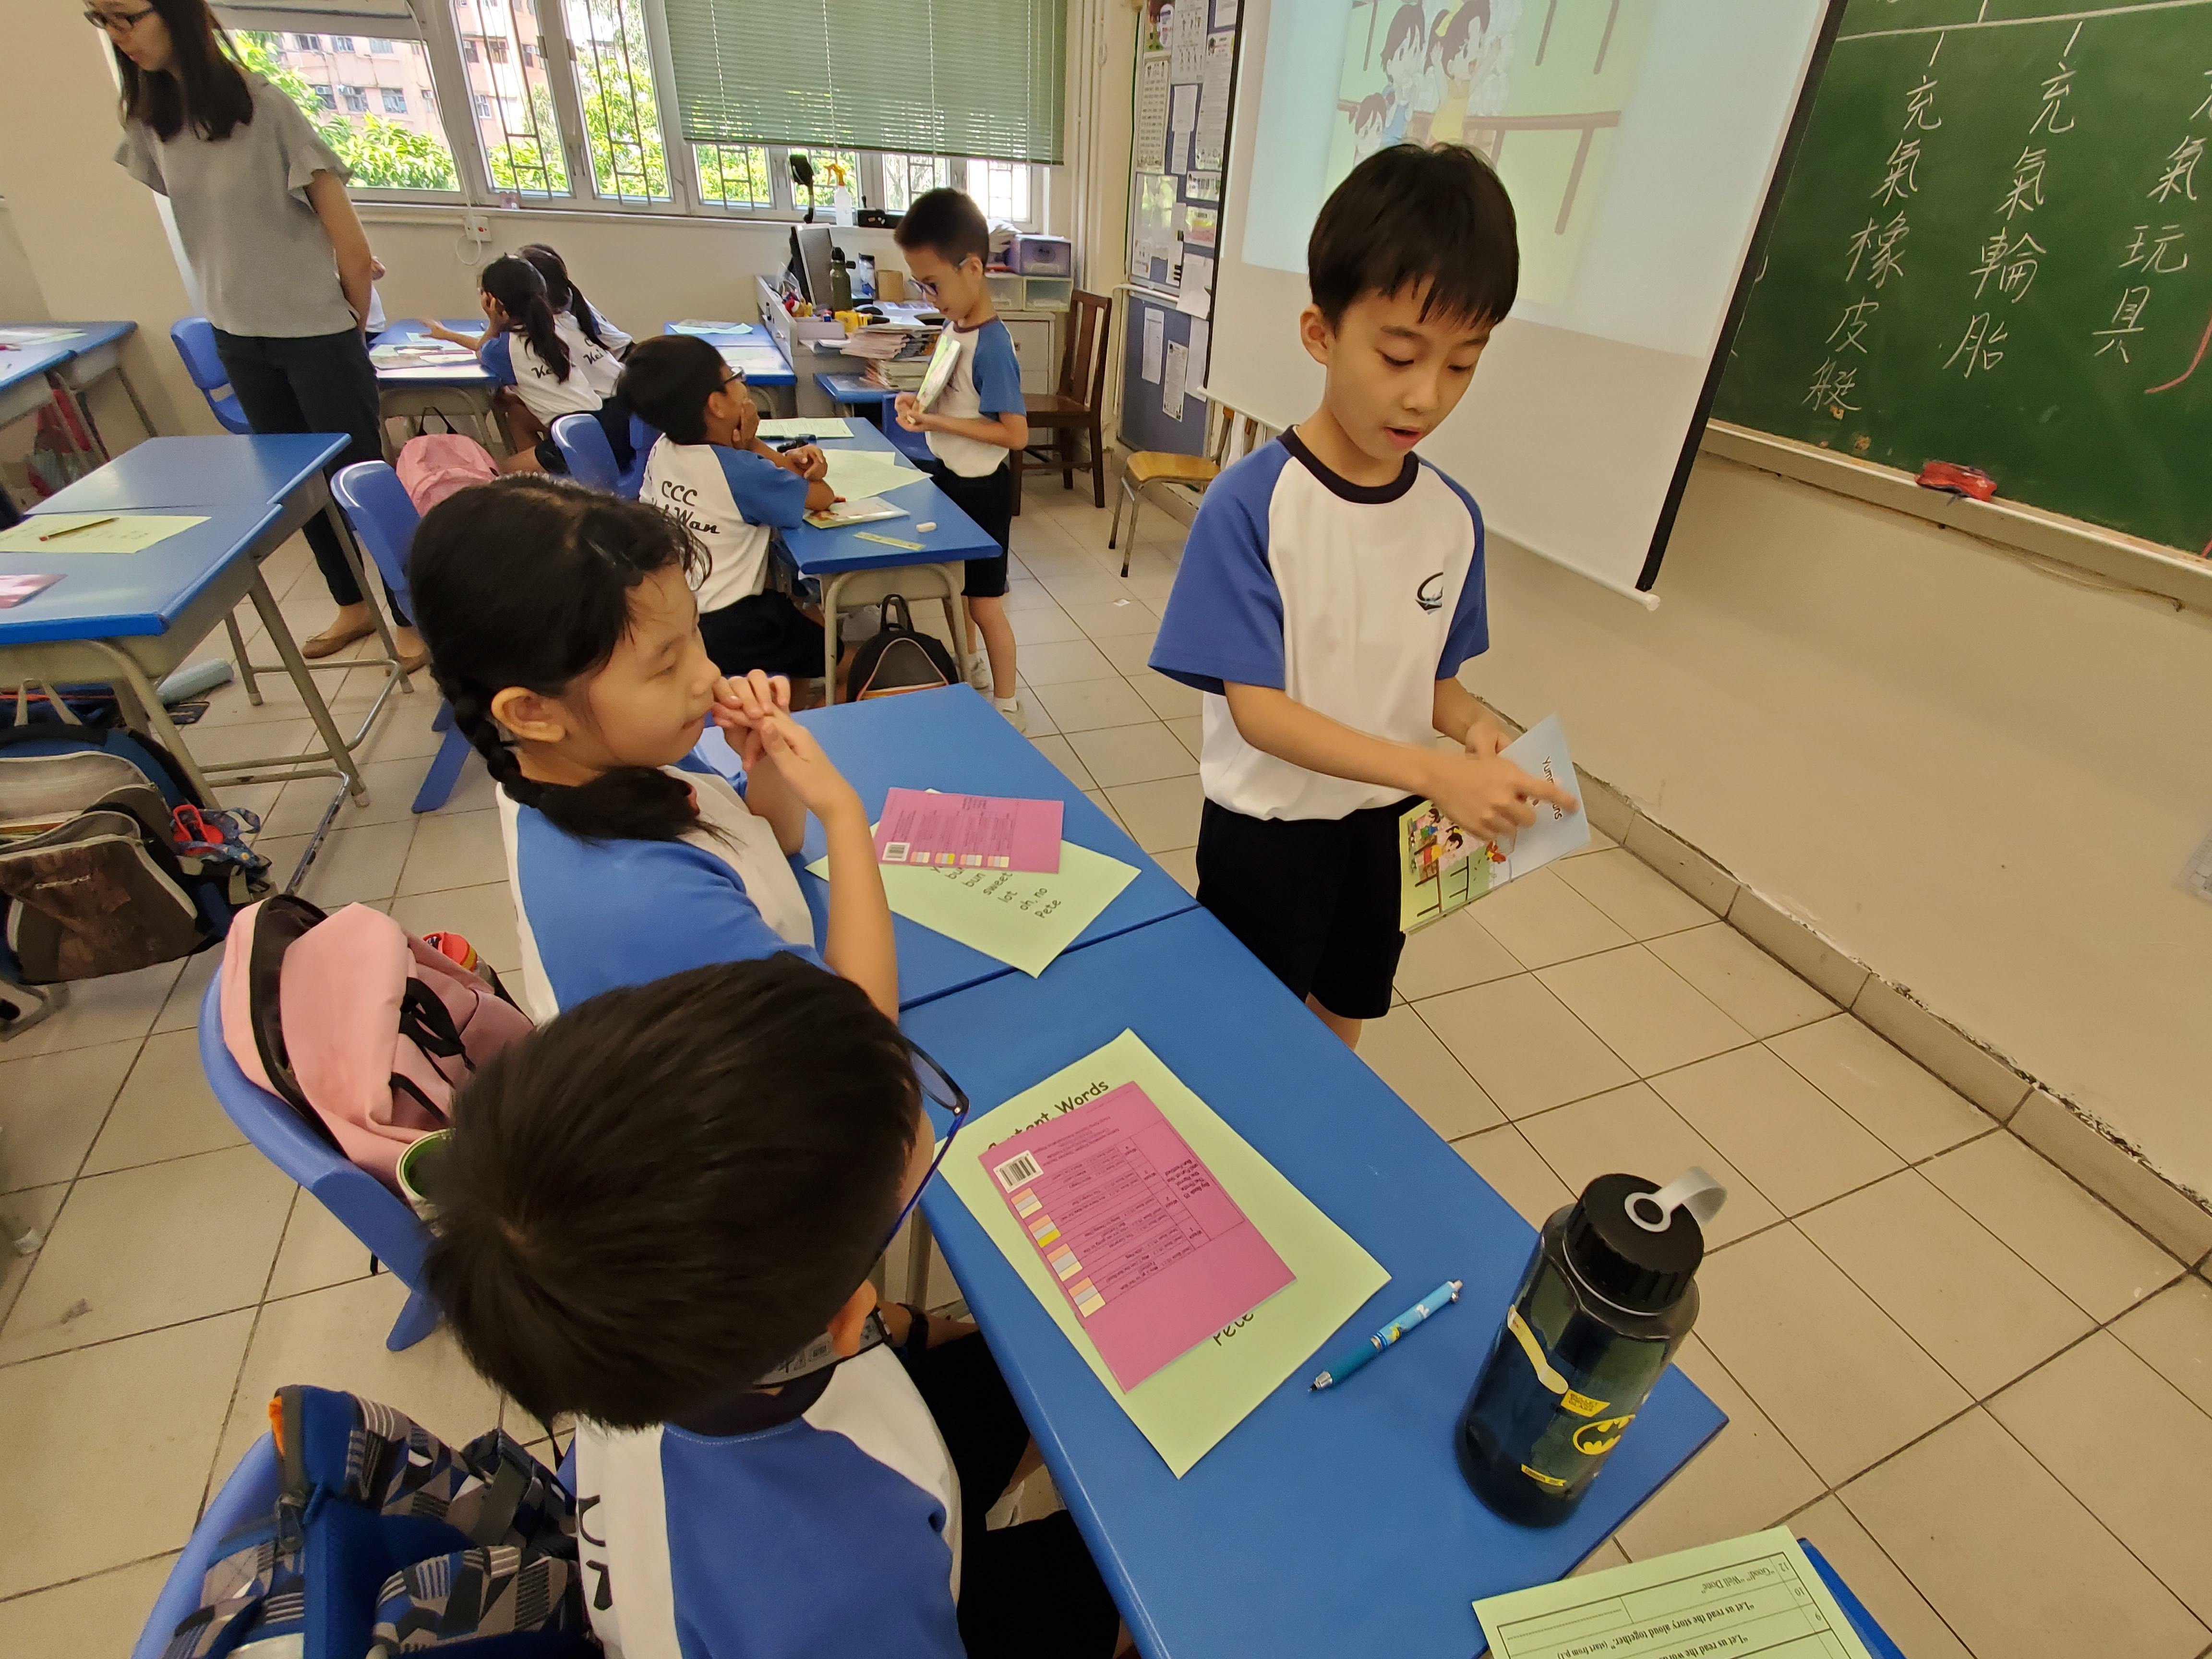 http://www.keiwan.edu.hk/sites/default/files/41_1.jpg